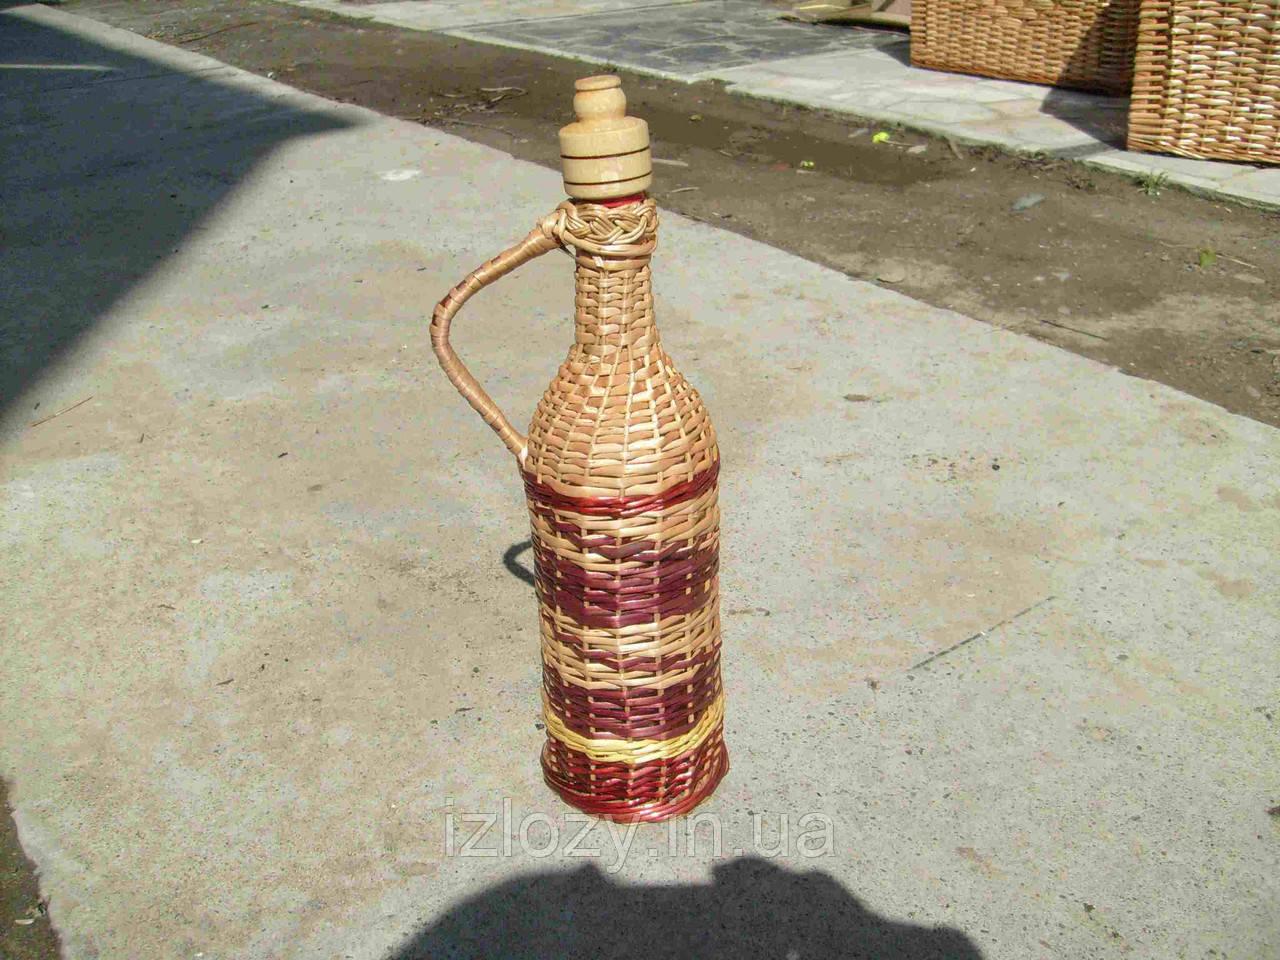 Фото бутылка в изде 2 фотография